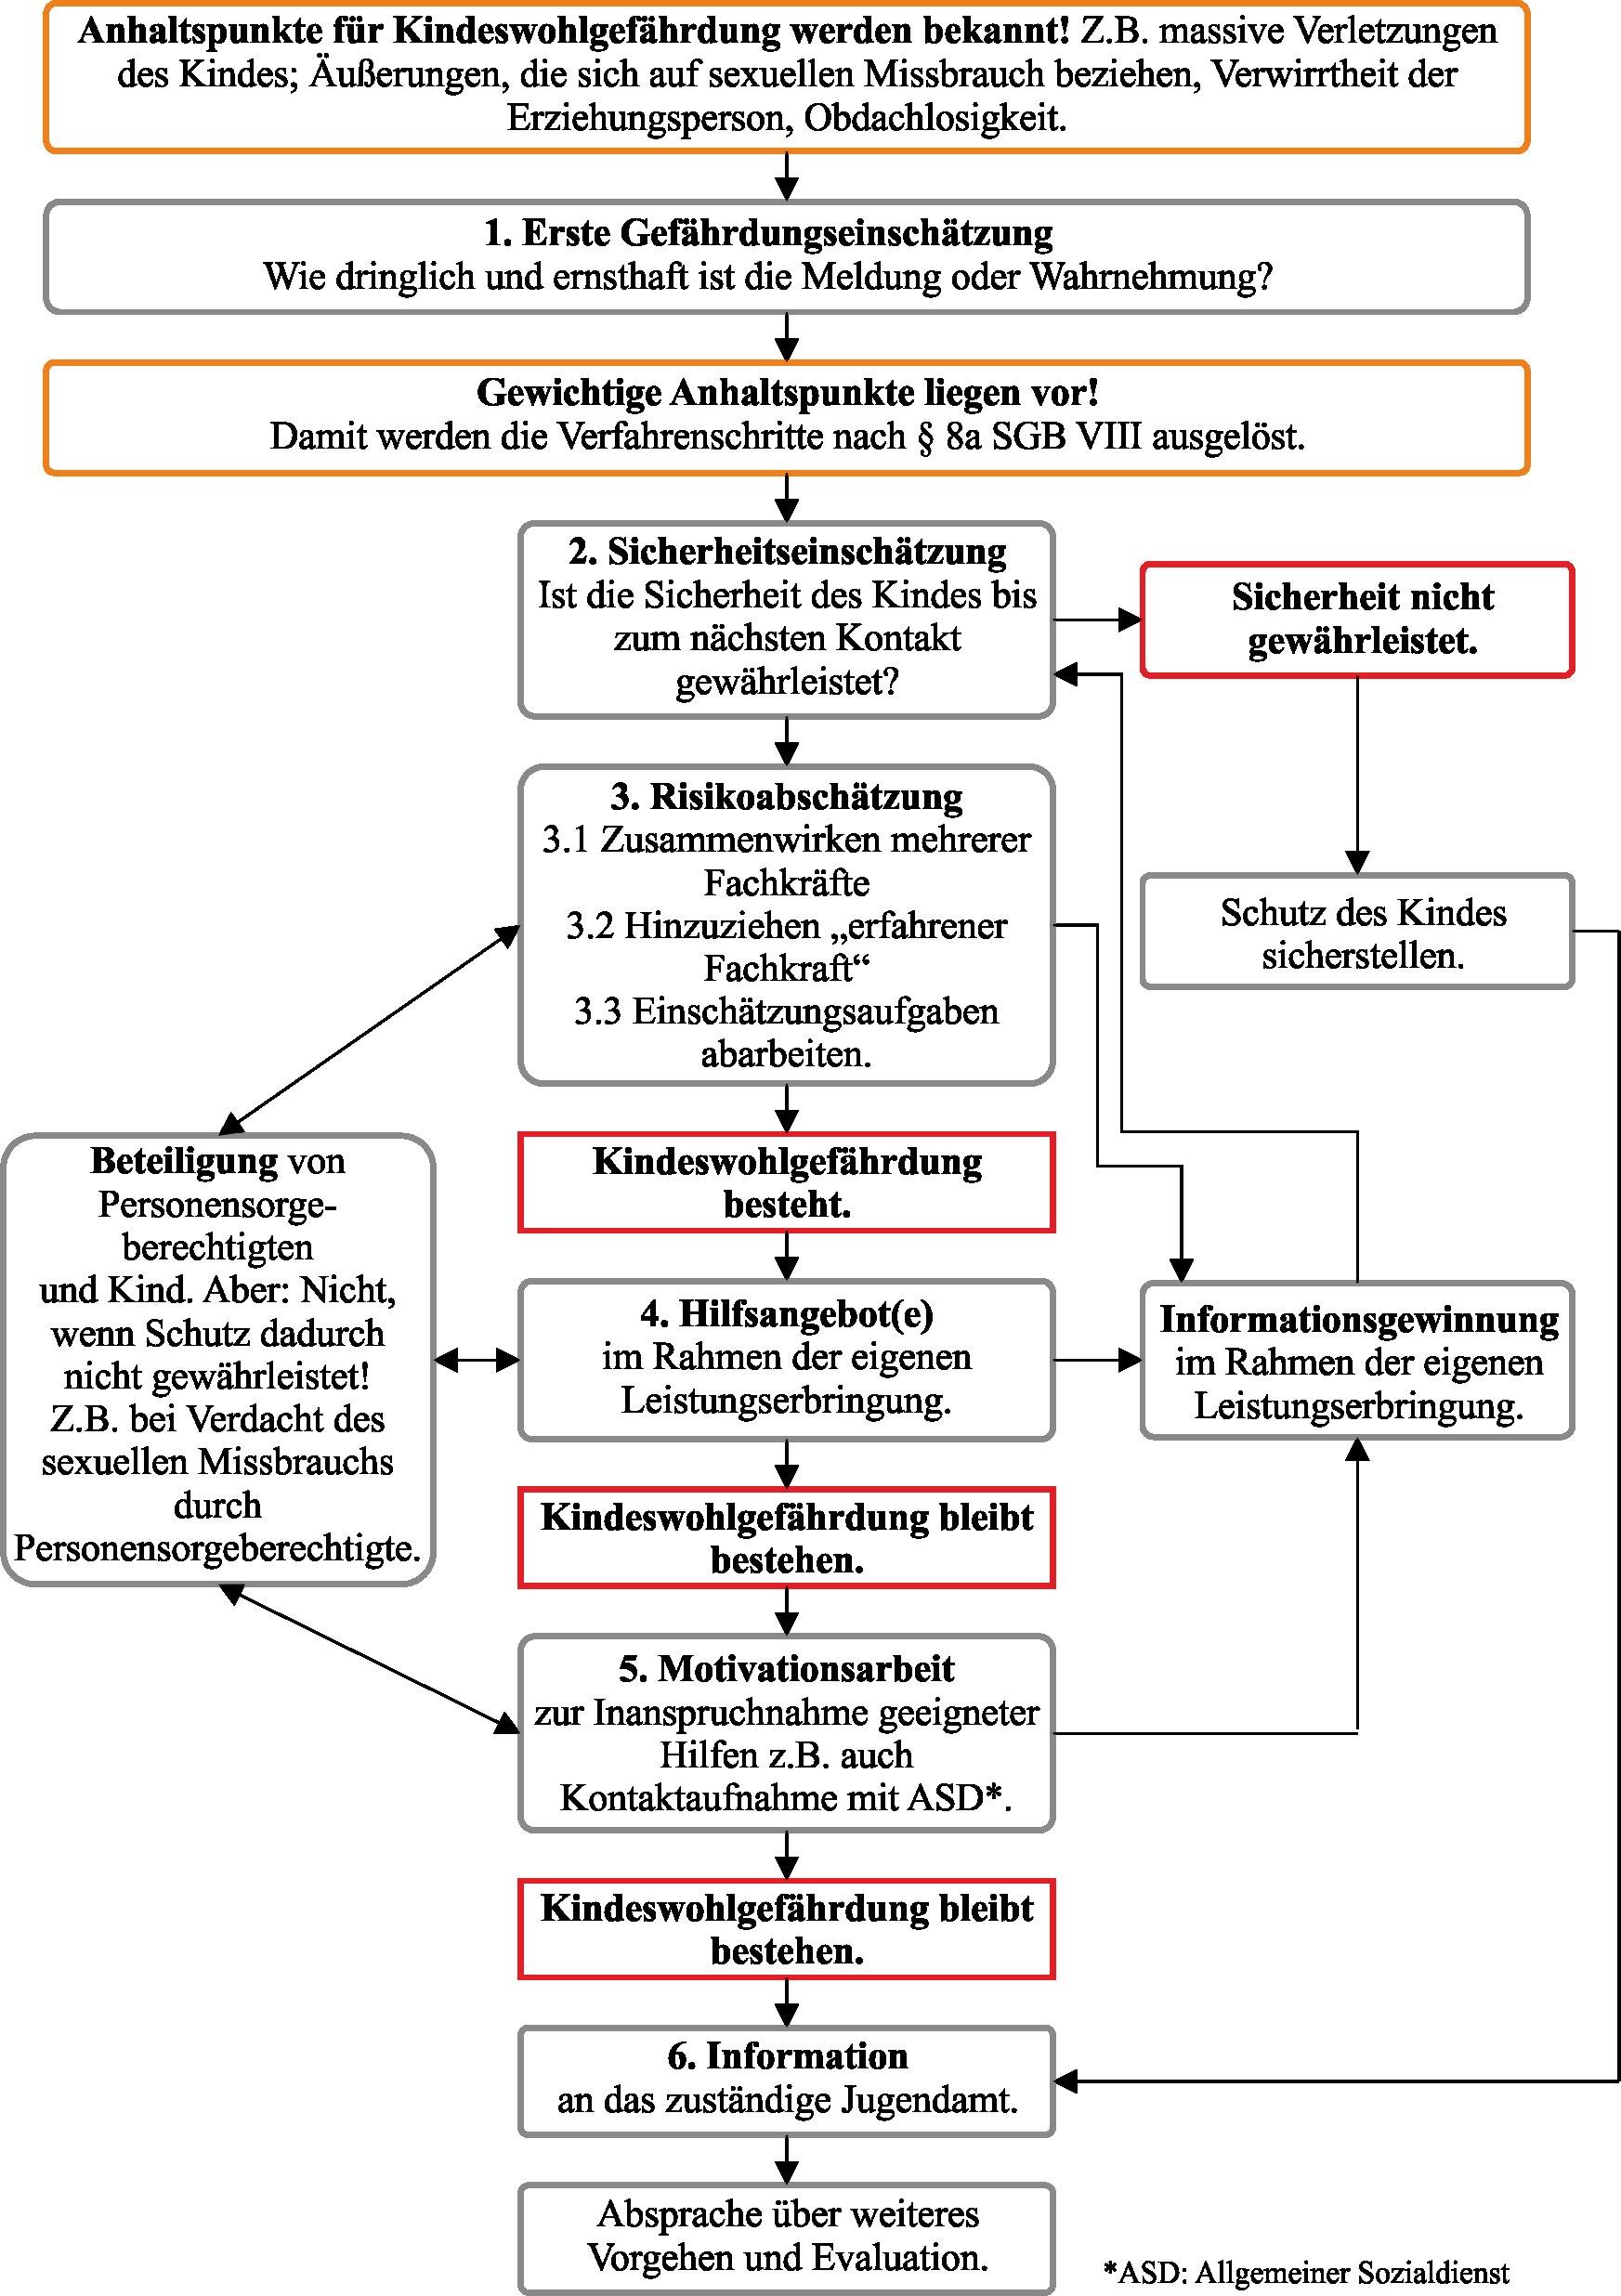 kind-und-demokratie-diagramm-01